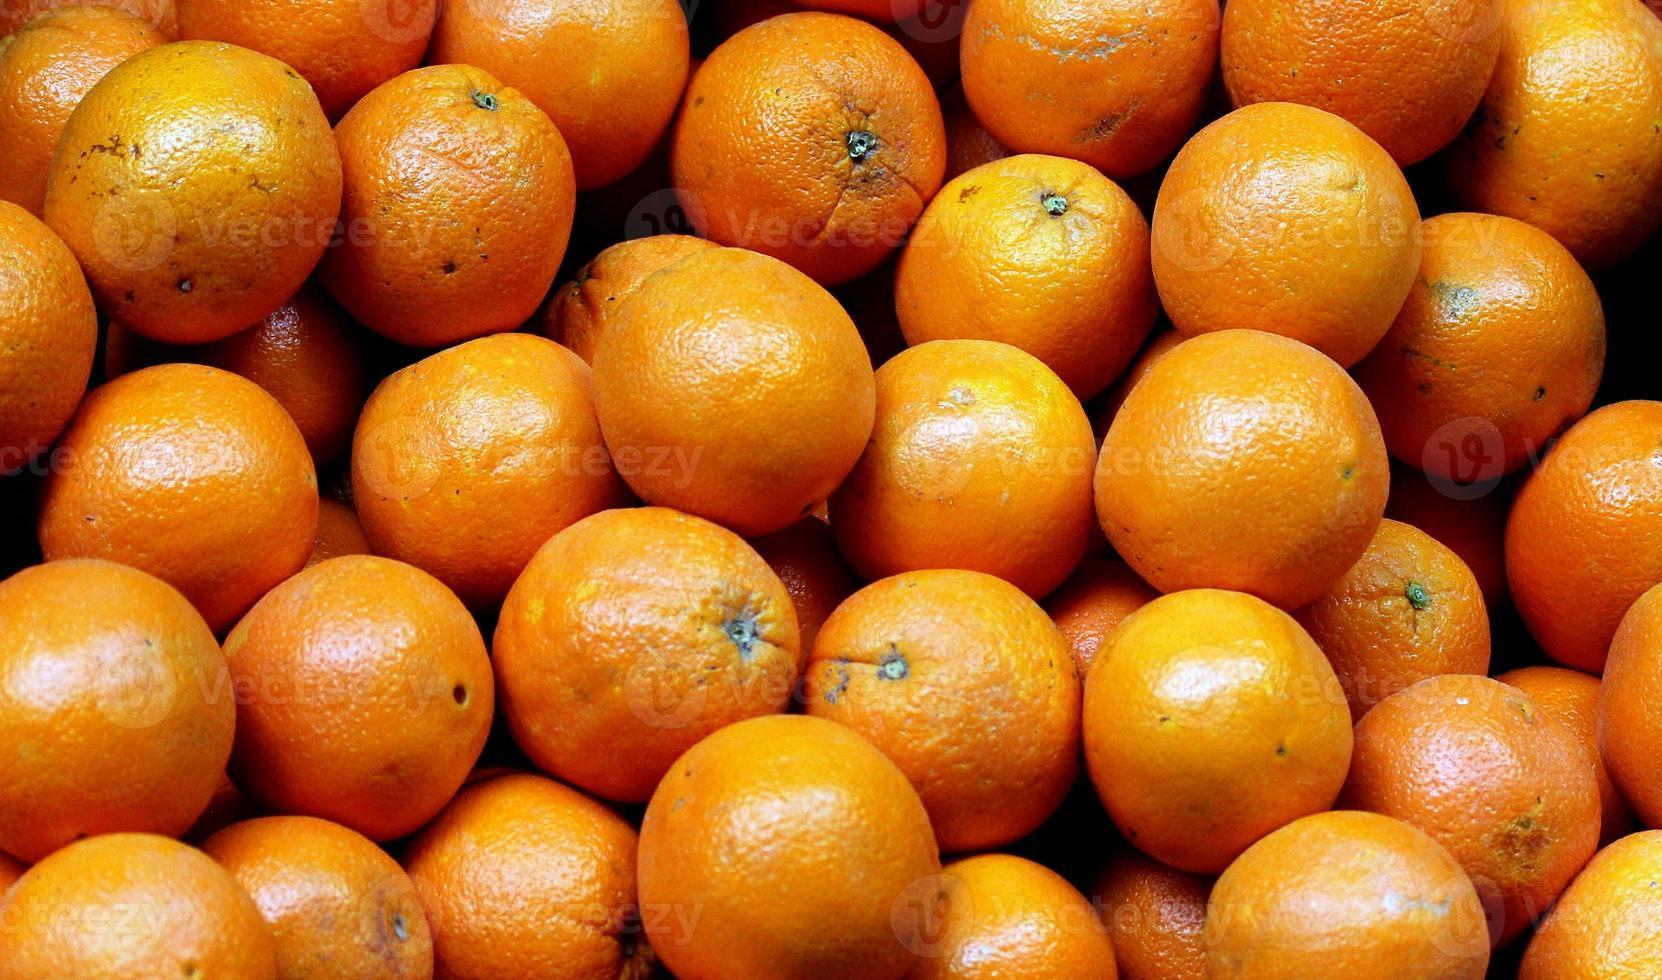 massa färska apelsiner på marknaden. selektiv inriktning foto